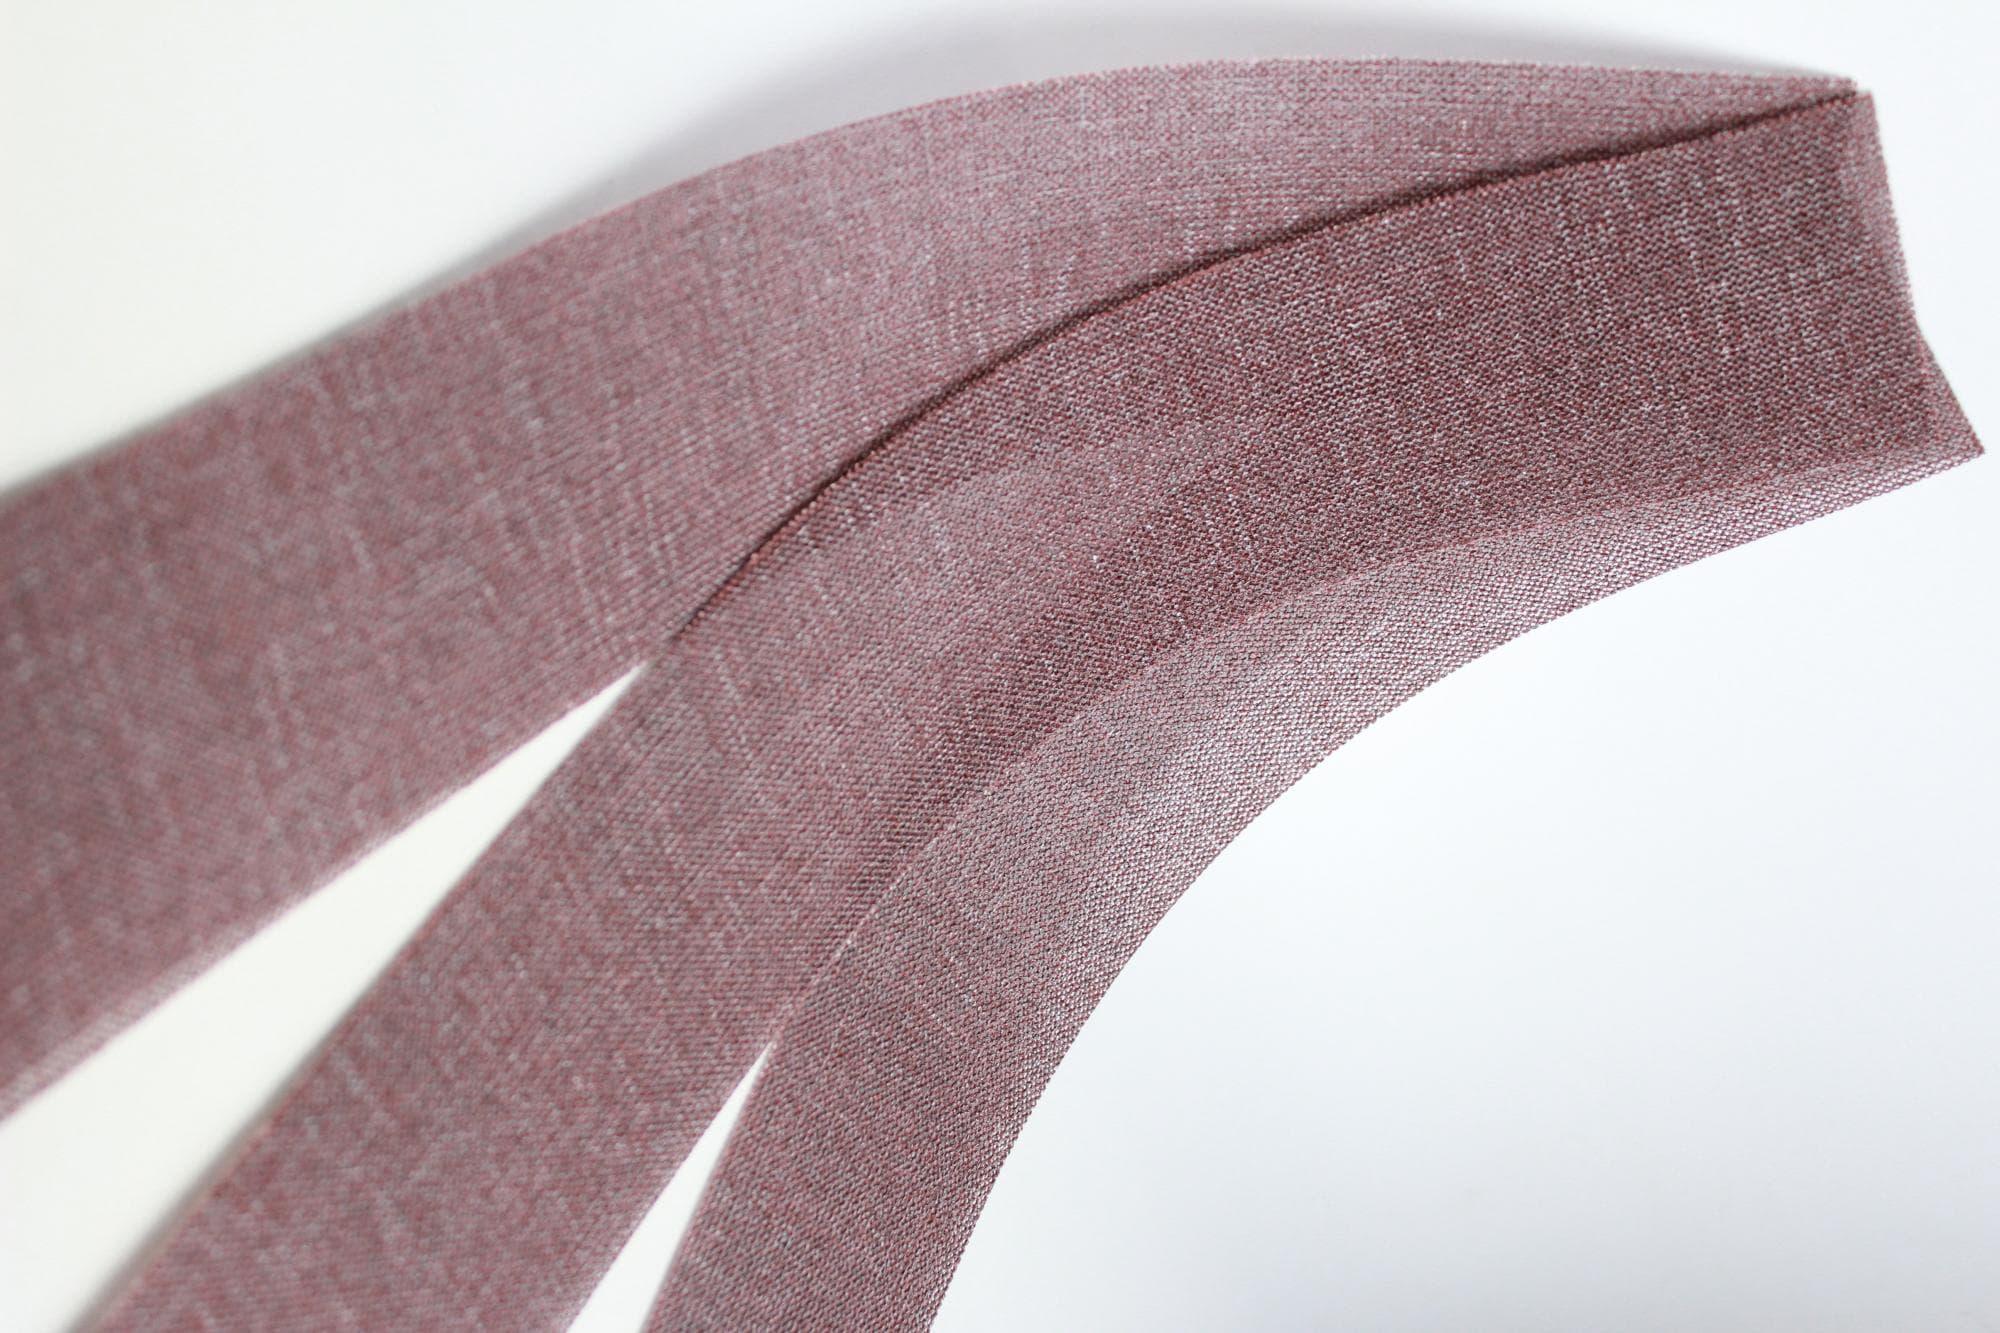 HANKO Абразивная полоска NET MAROON 70 x 420 мм, P 400